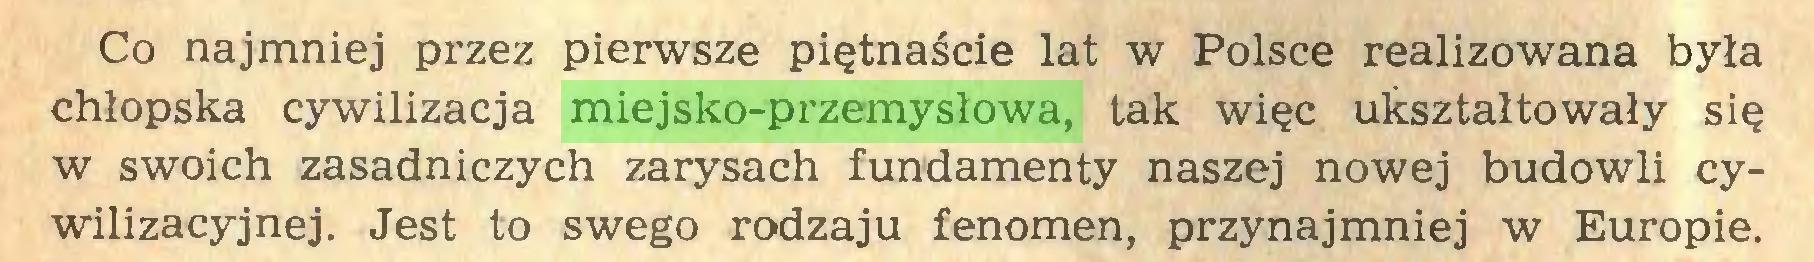 (...) Co najmniej przez pierwsze piętnaście lat w Polsce realizowana była chłopska cywilizacja miejsko-przemysłowa, tak więc ukształtowały się w swoich zasadniczych zarysach fundamenty naszej nowej budowli cywilizacyjnej. Jest to swego rodzaju fenomen, przynajmniej w Europie...